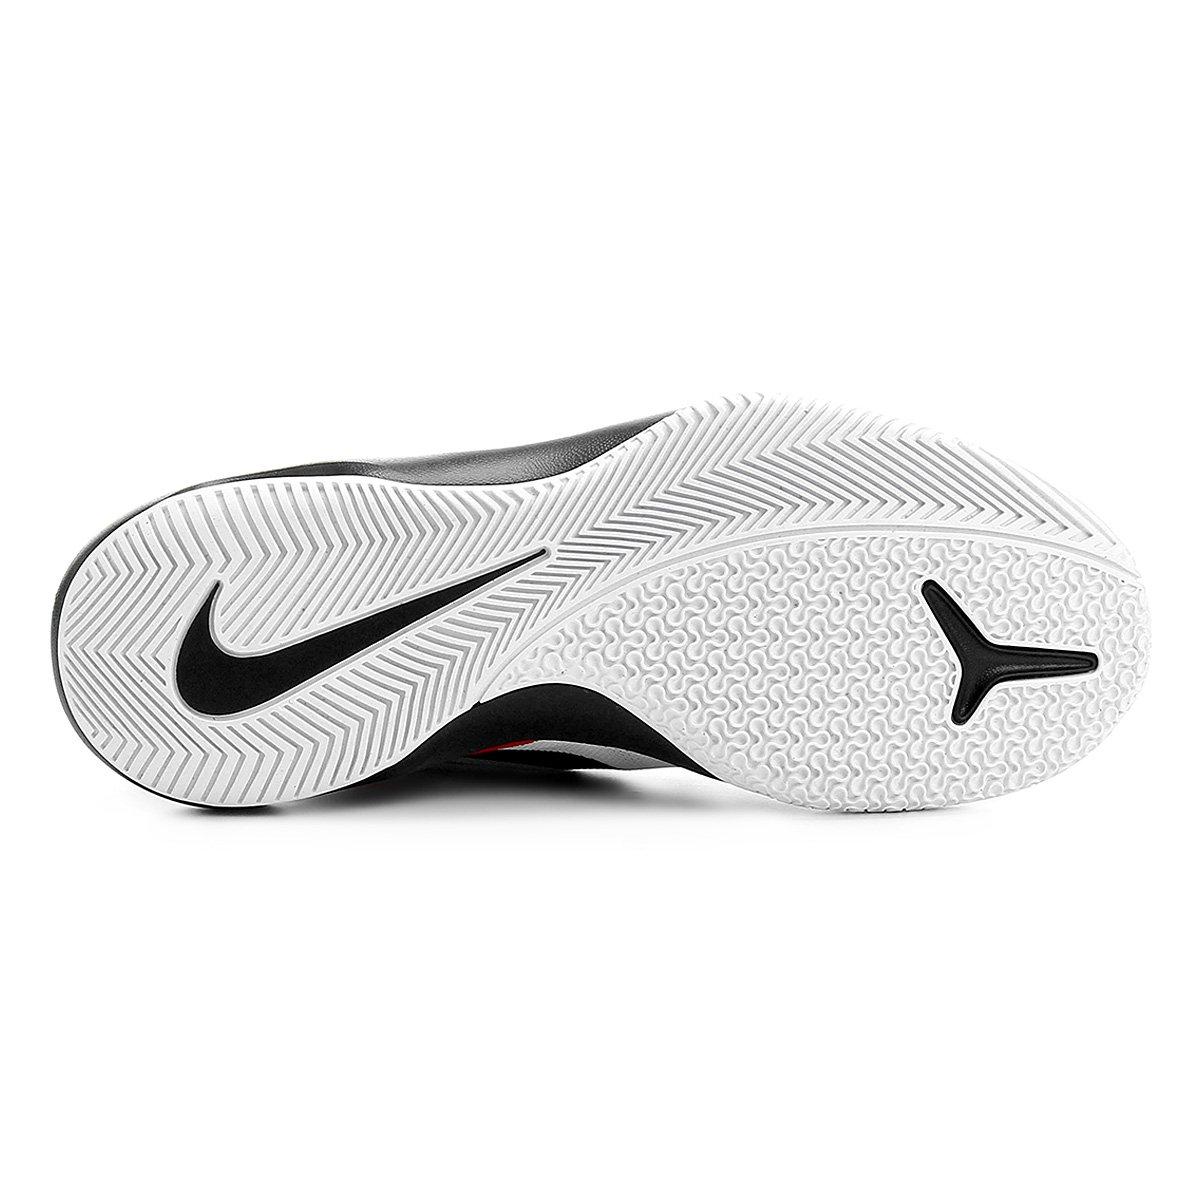 542ad5168e Tênis Nike Air Versitile Masculino  Tênis Nike Air Versitile Masculino ...